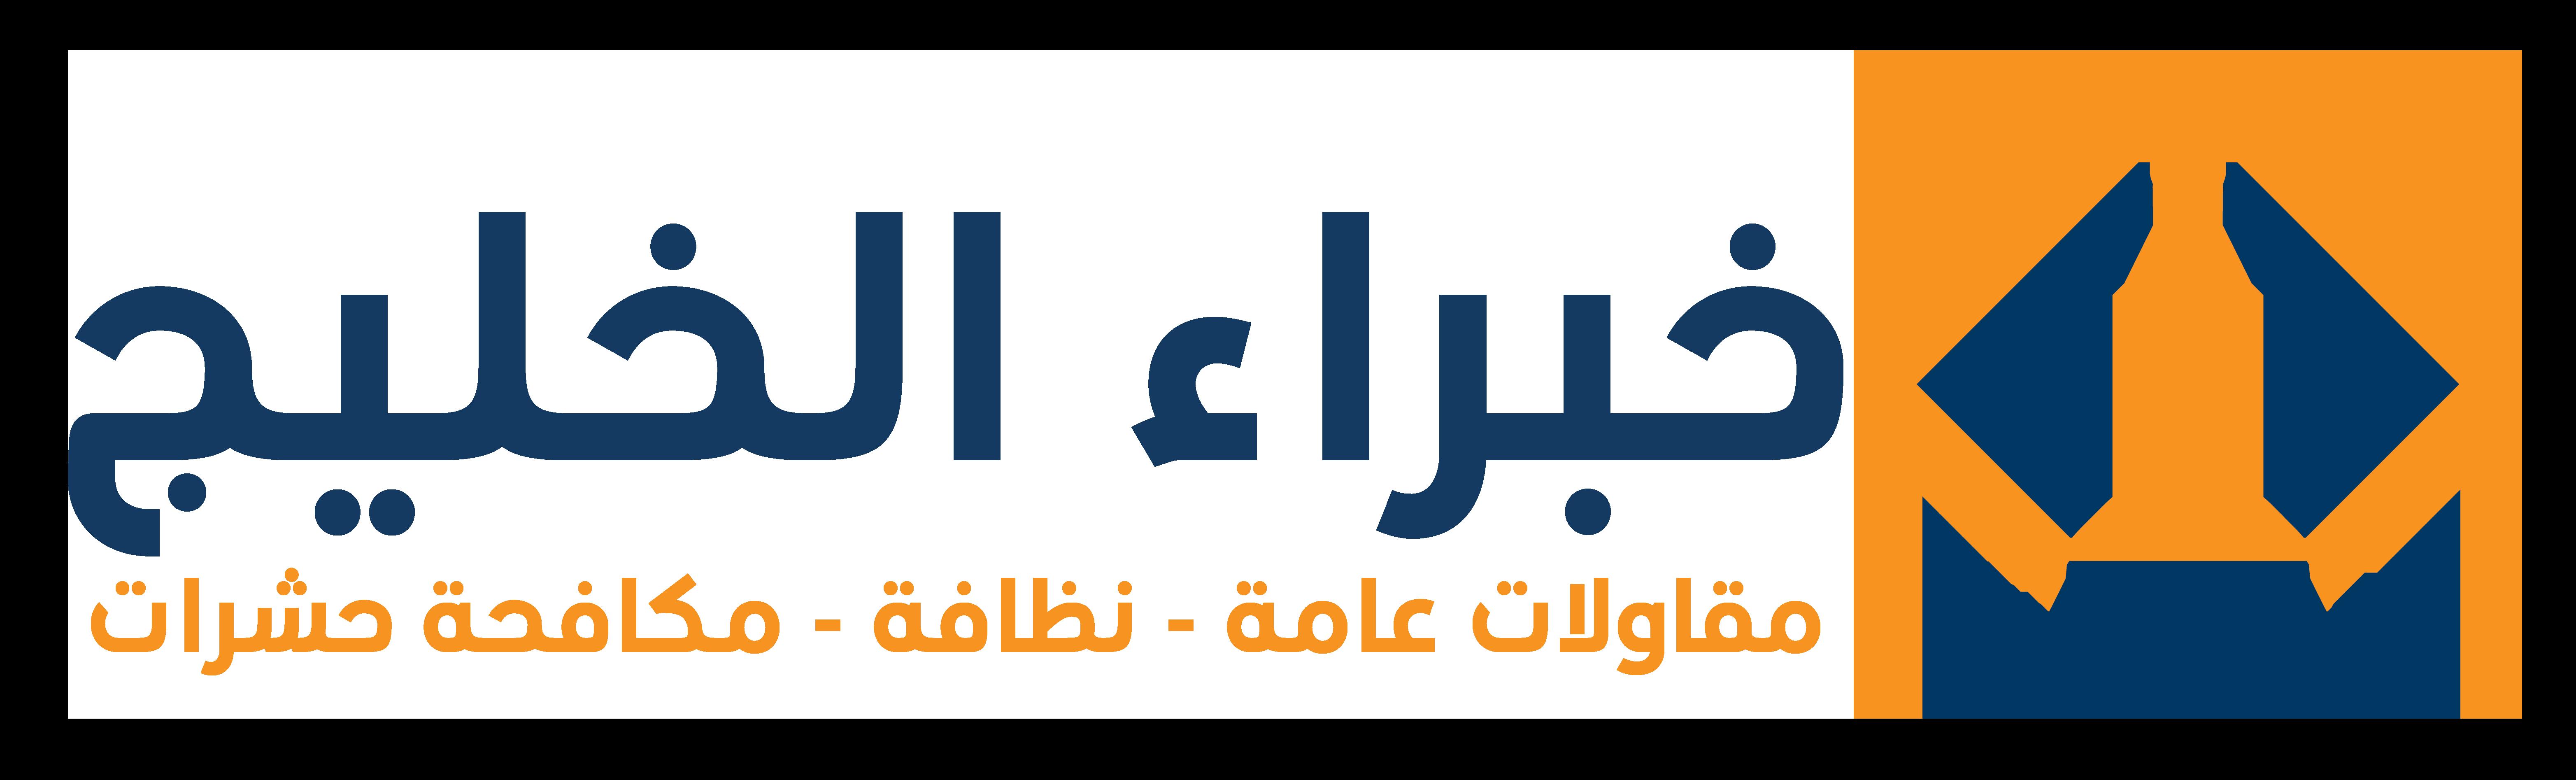 شركة خبراء الخليج